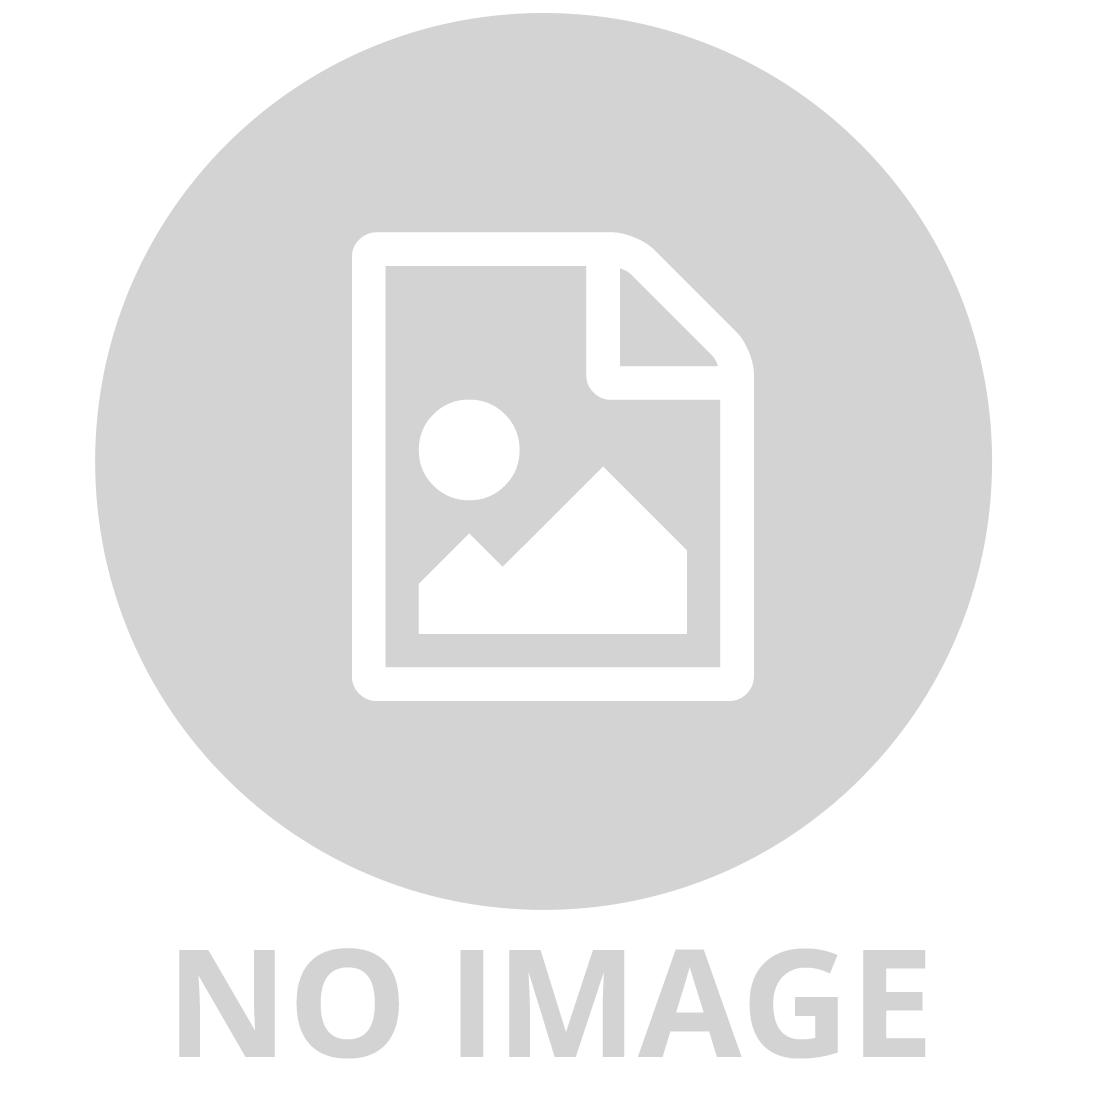 HORNBY WESTERN MASTER DIGITAL TRAIN SET